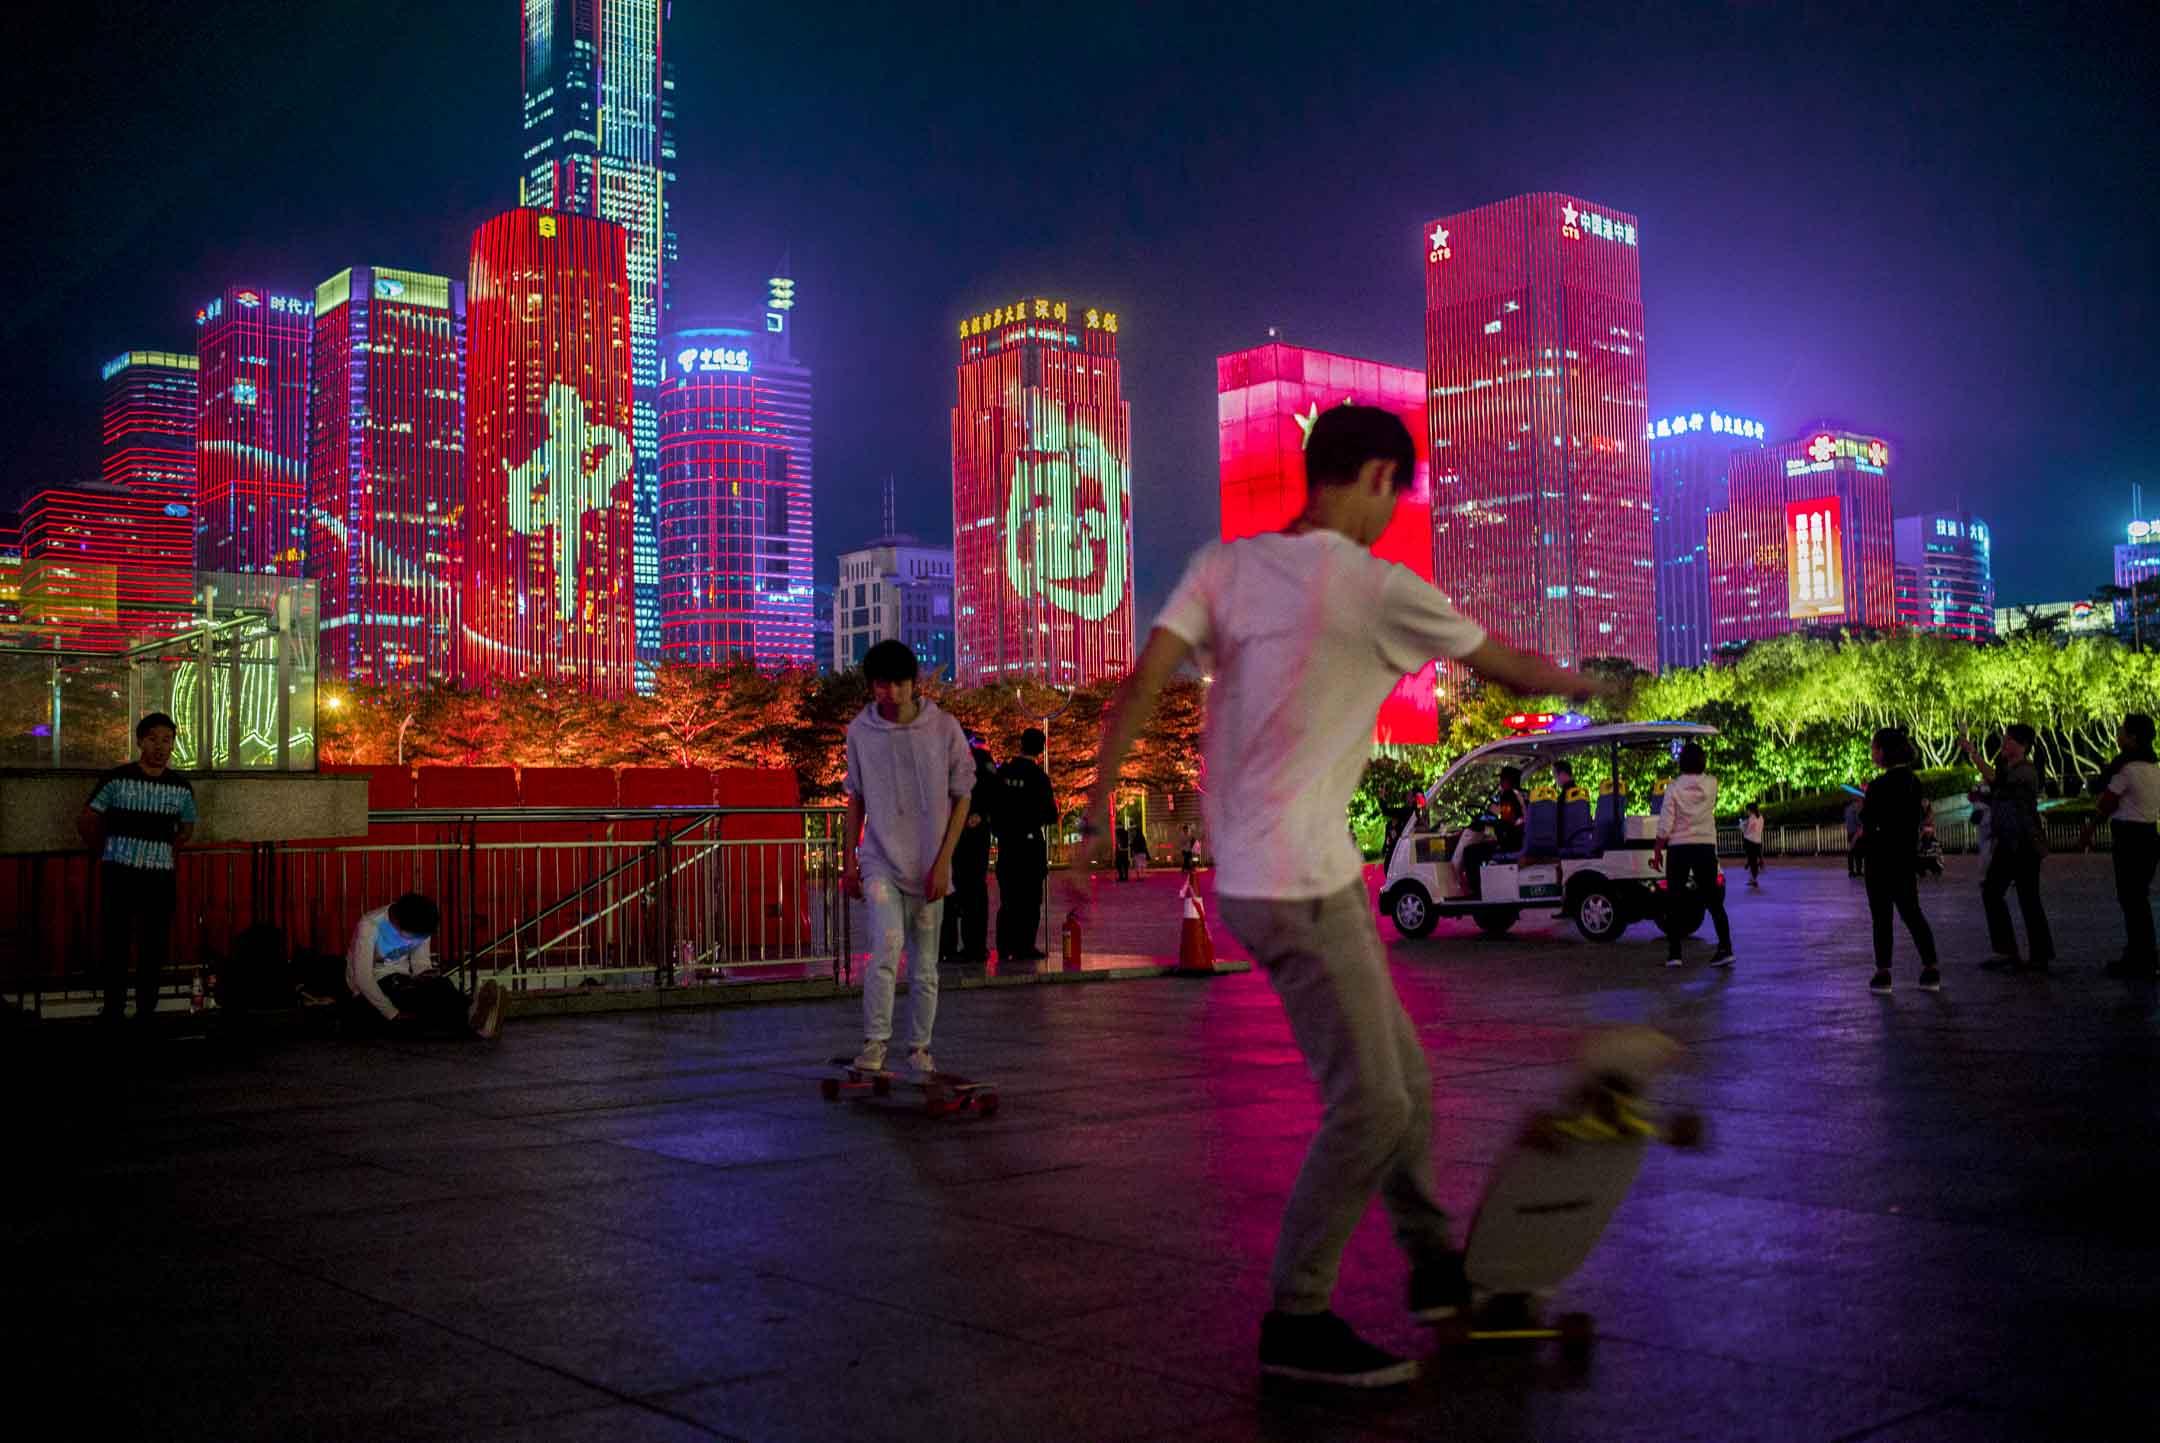 深圳當局為慶祝中共建政69周年、改革開放40年,在市民中心廣場舉行燈光秀。 攝:林振東/端傳媒